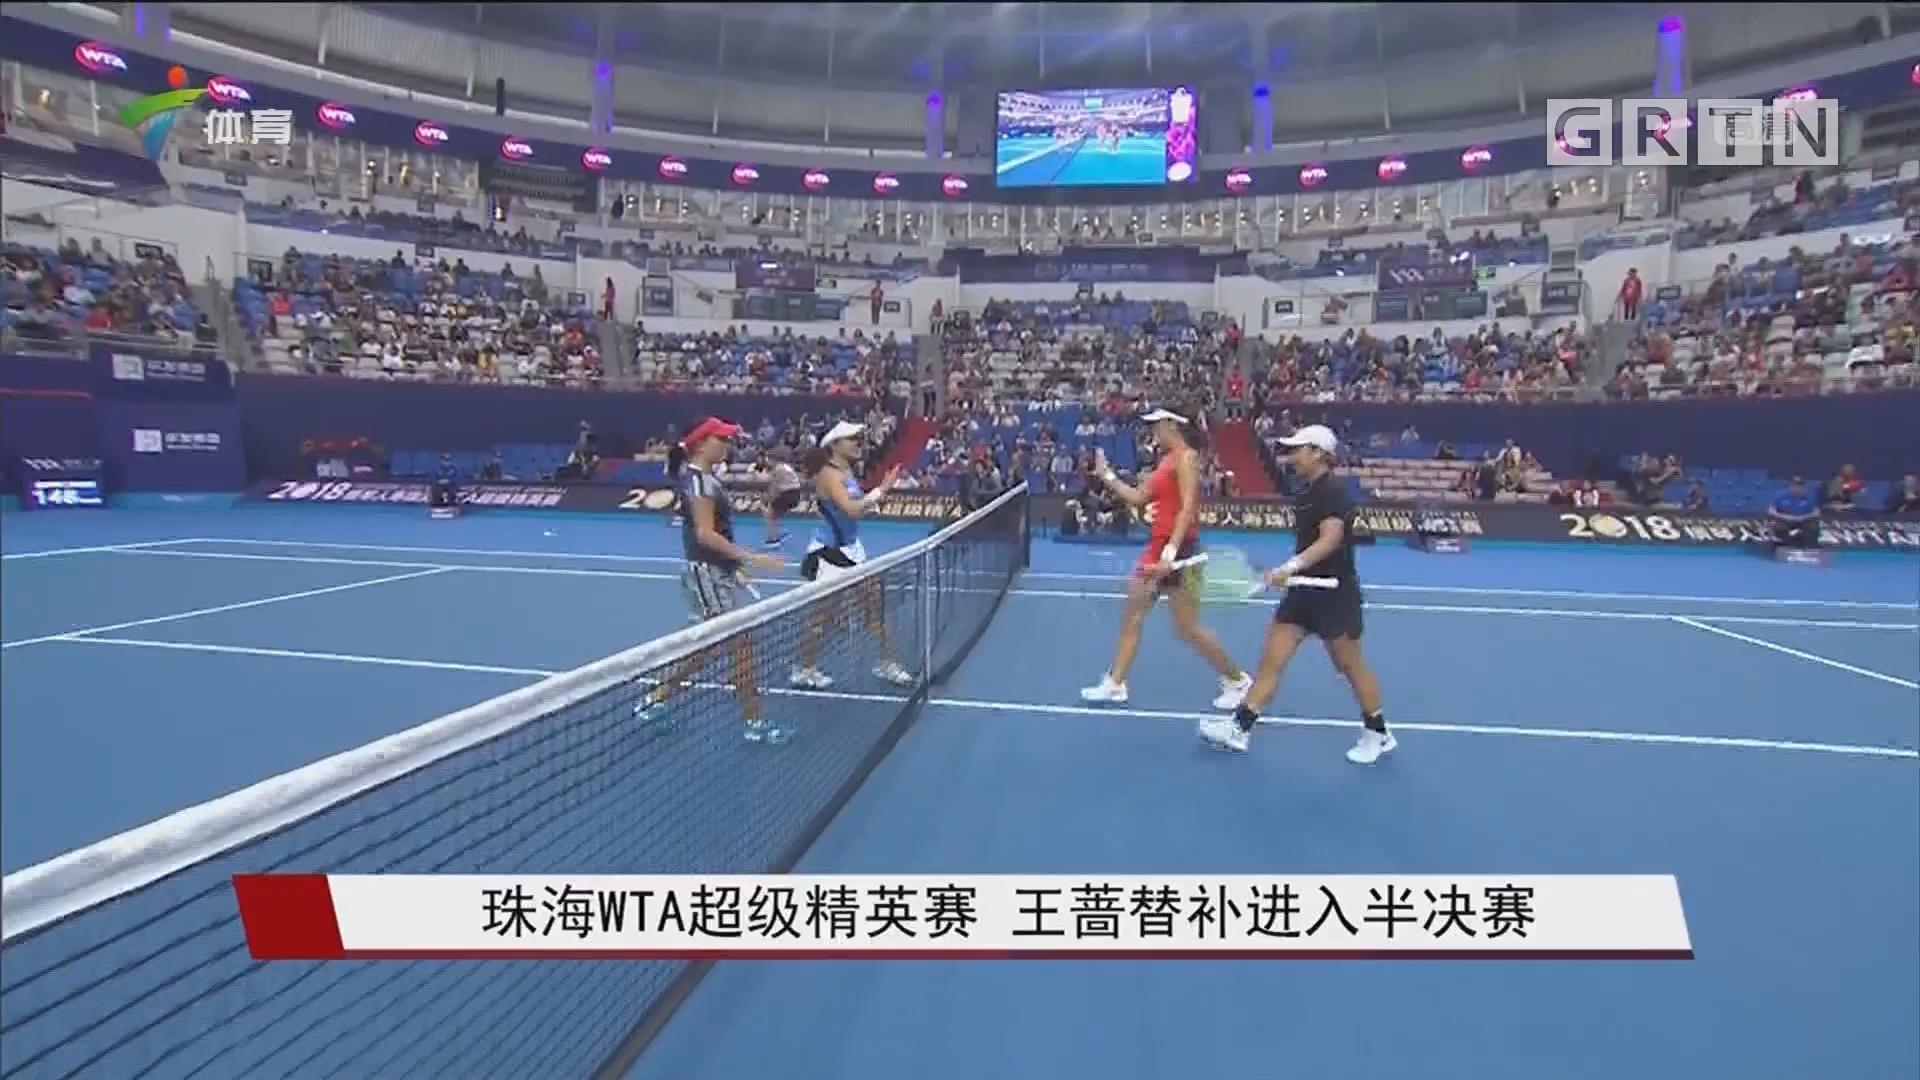 珠海WTA超级精英赛 王蔷替补进入半决赛